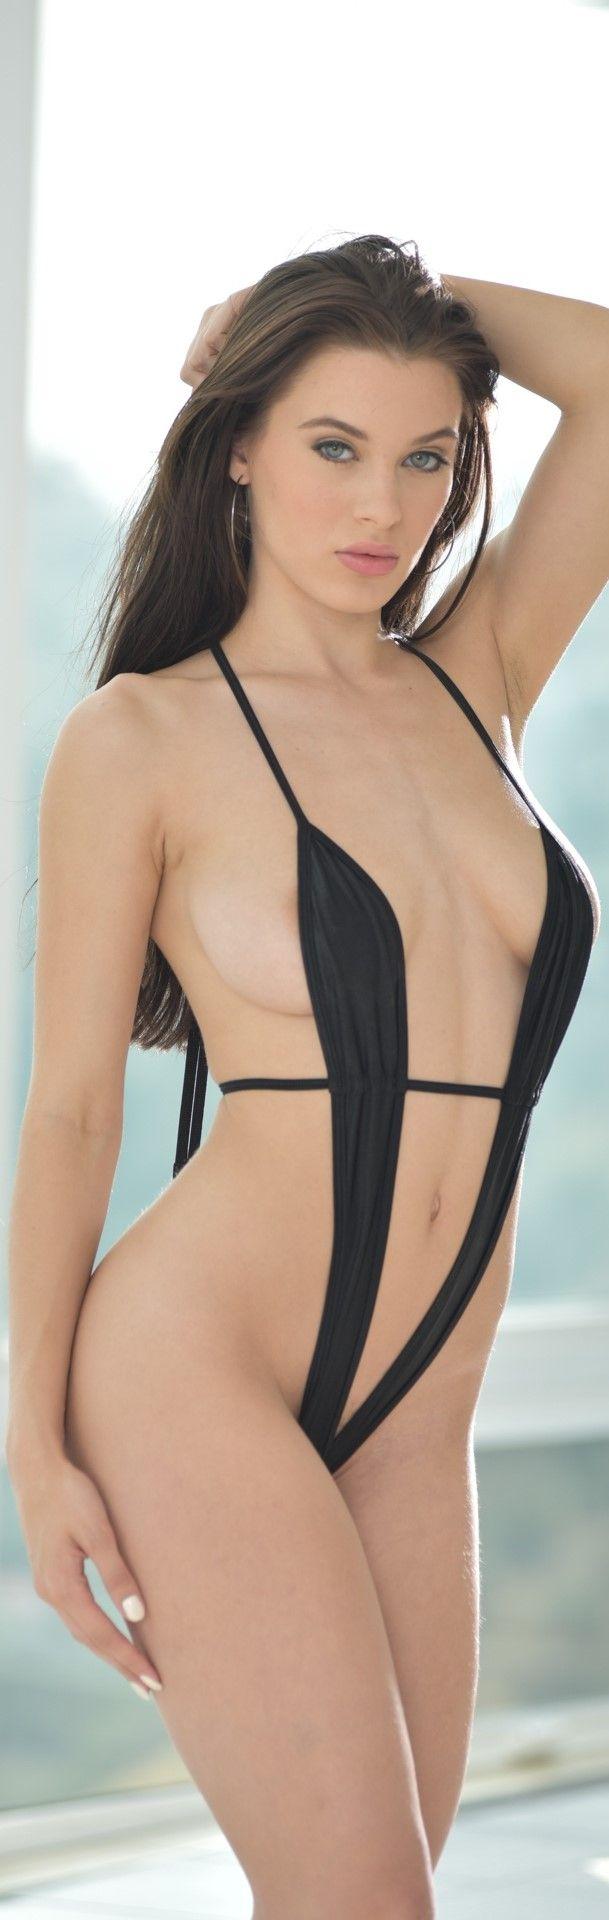 shemale micro bikini